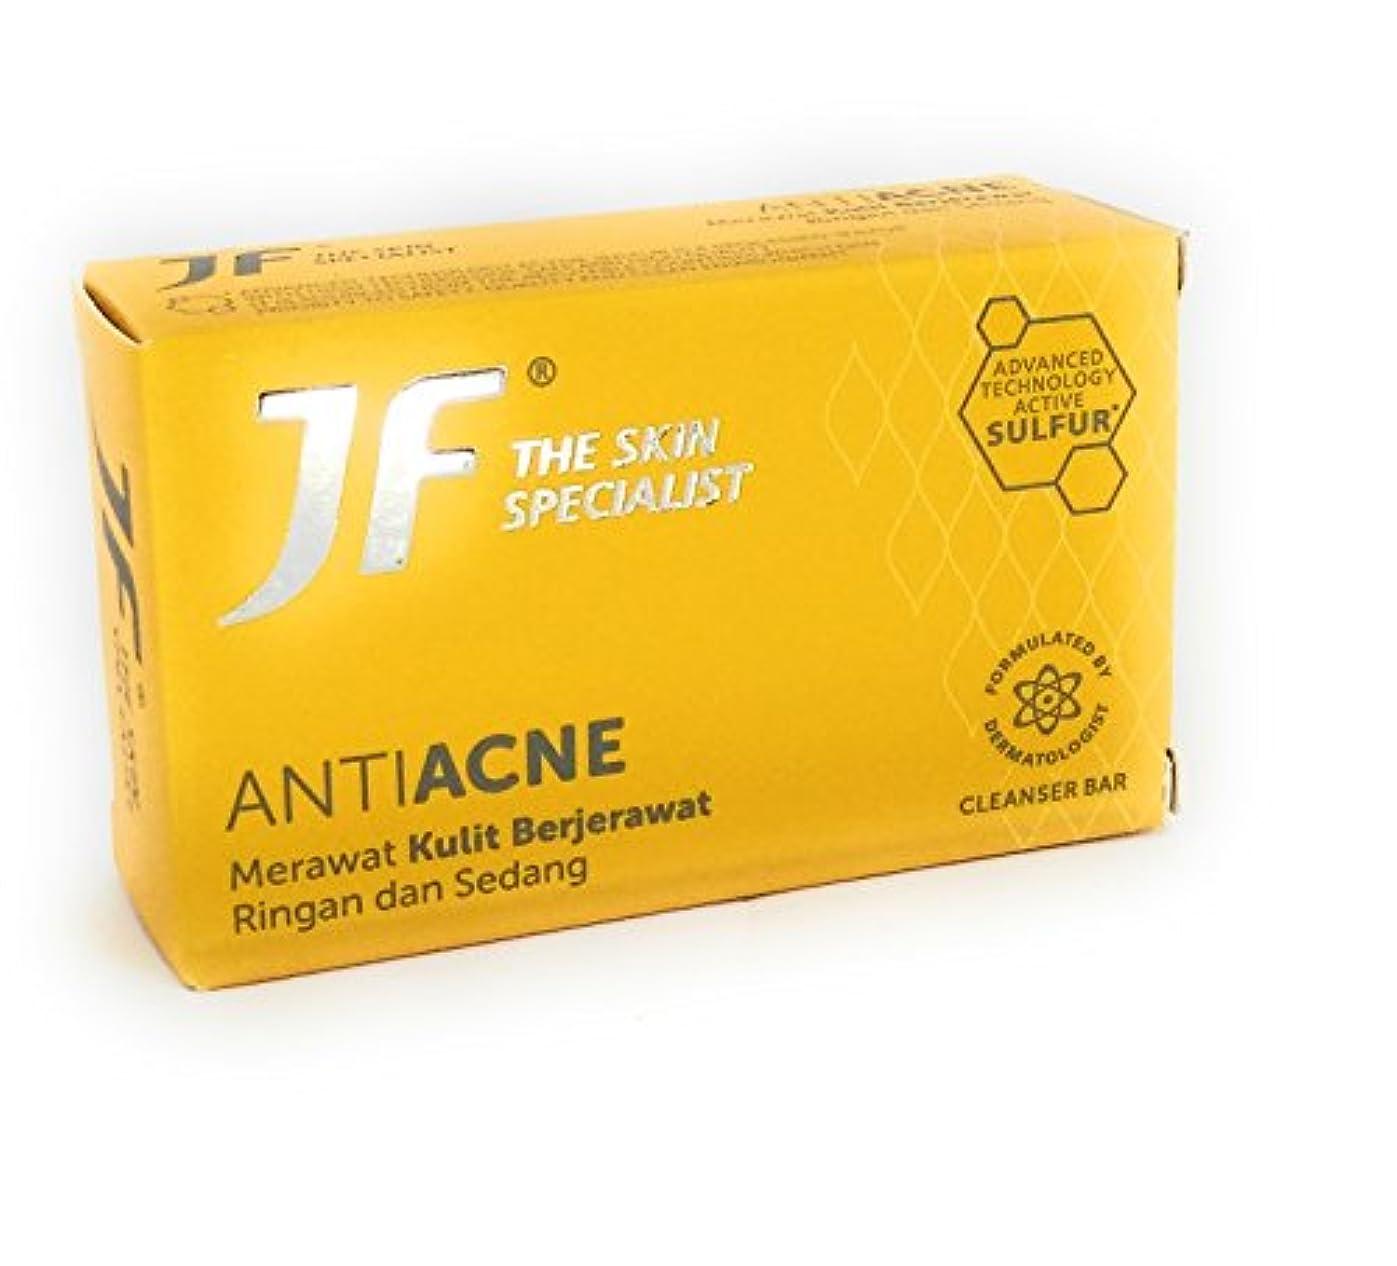 平均動機付ける難破船JF Sulfur 皮膚科専門医アンチにきびケア石鹸jf、65グラム